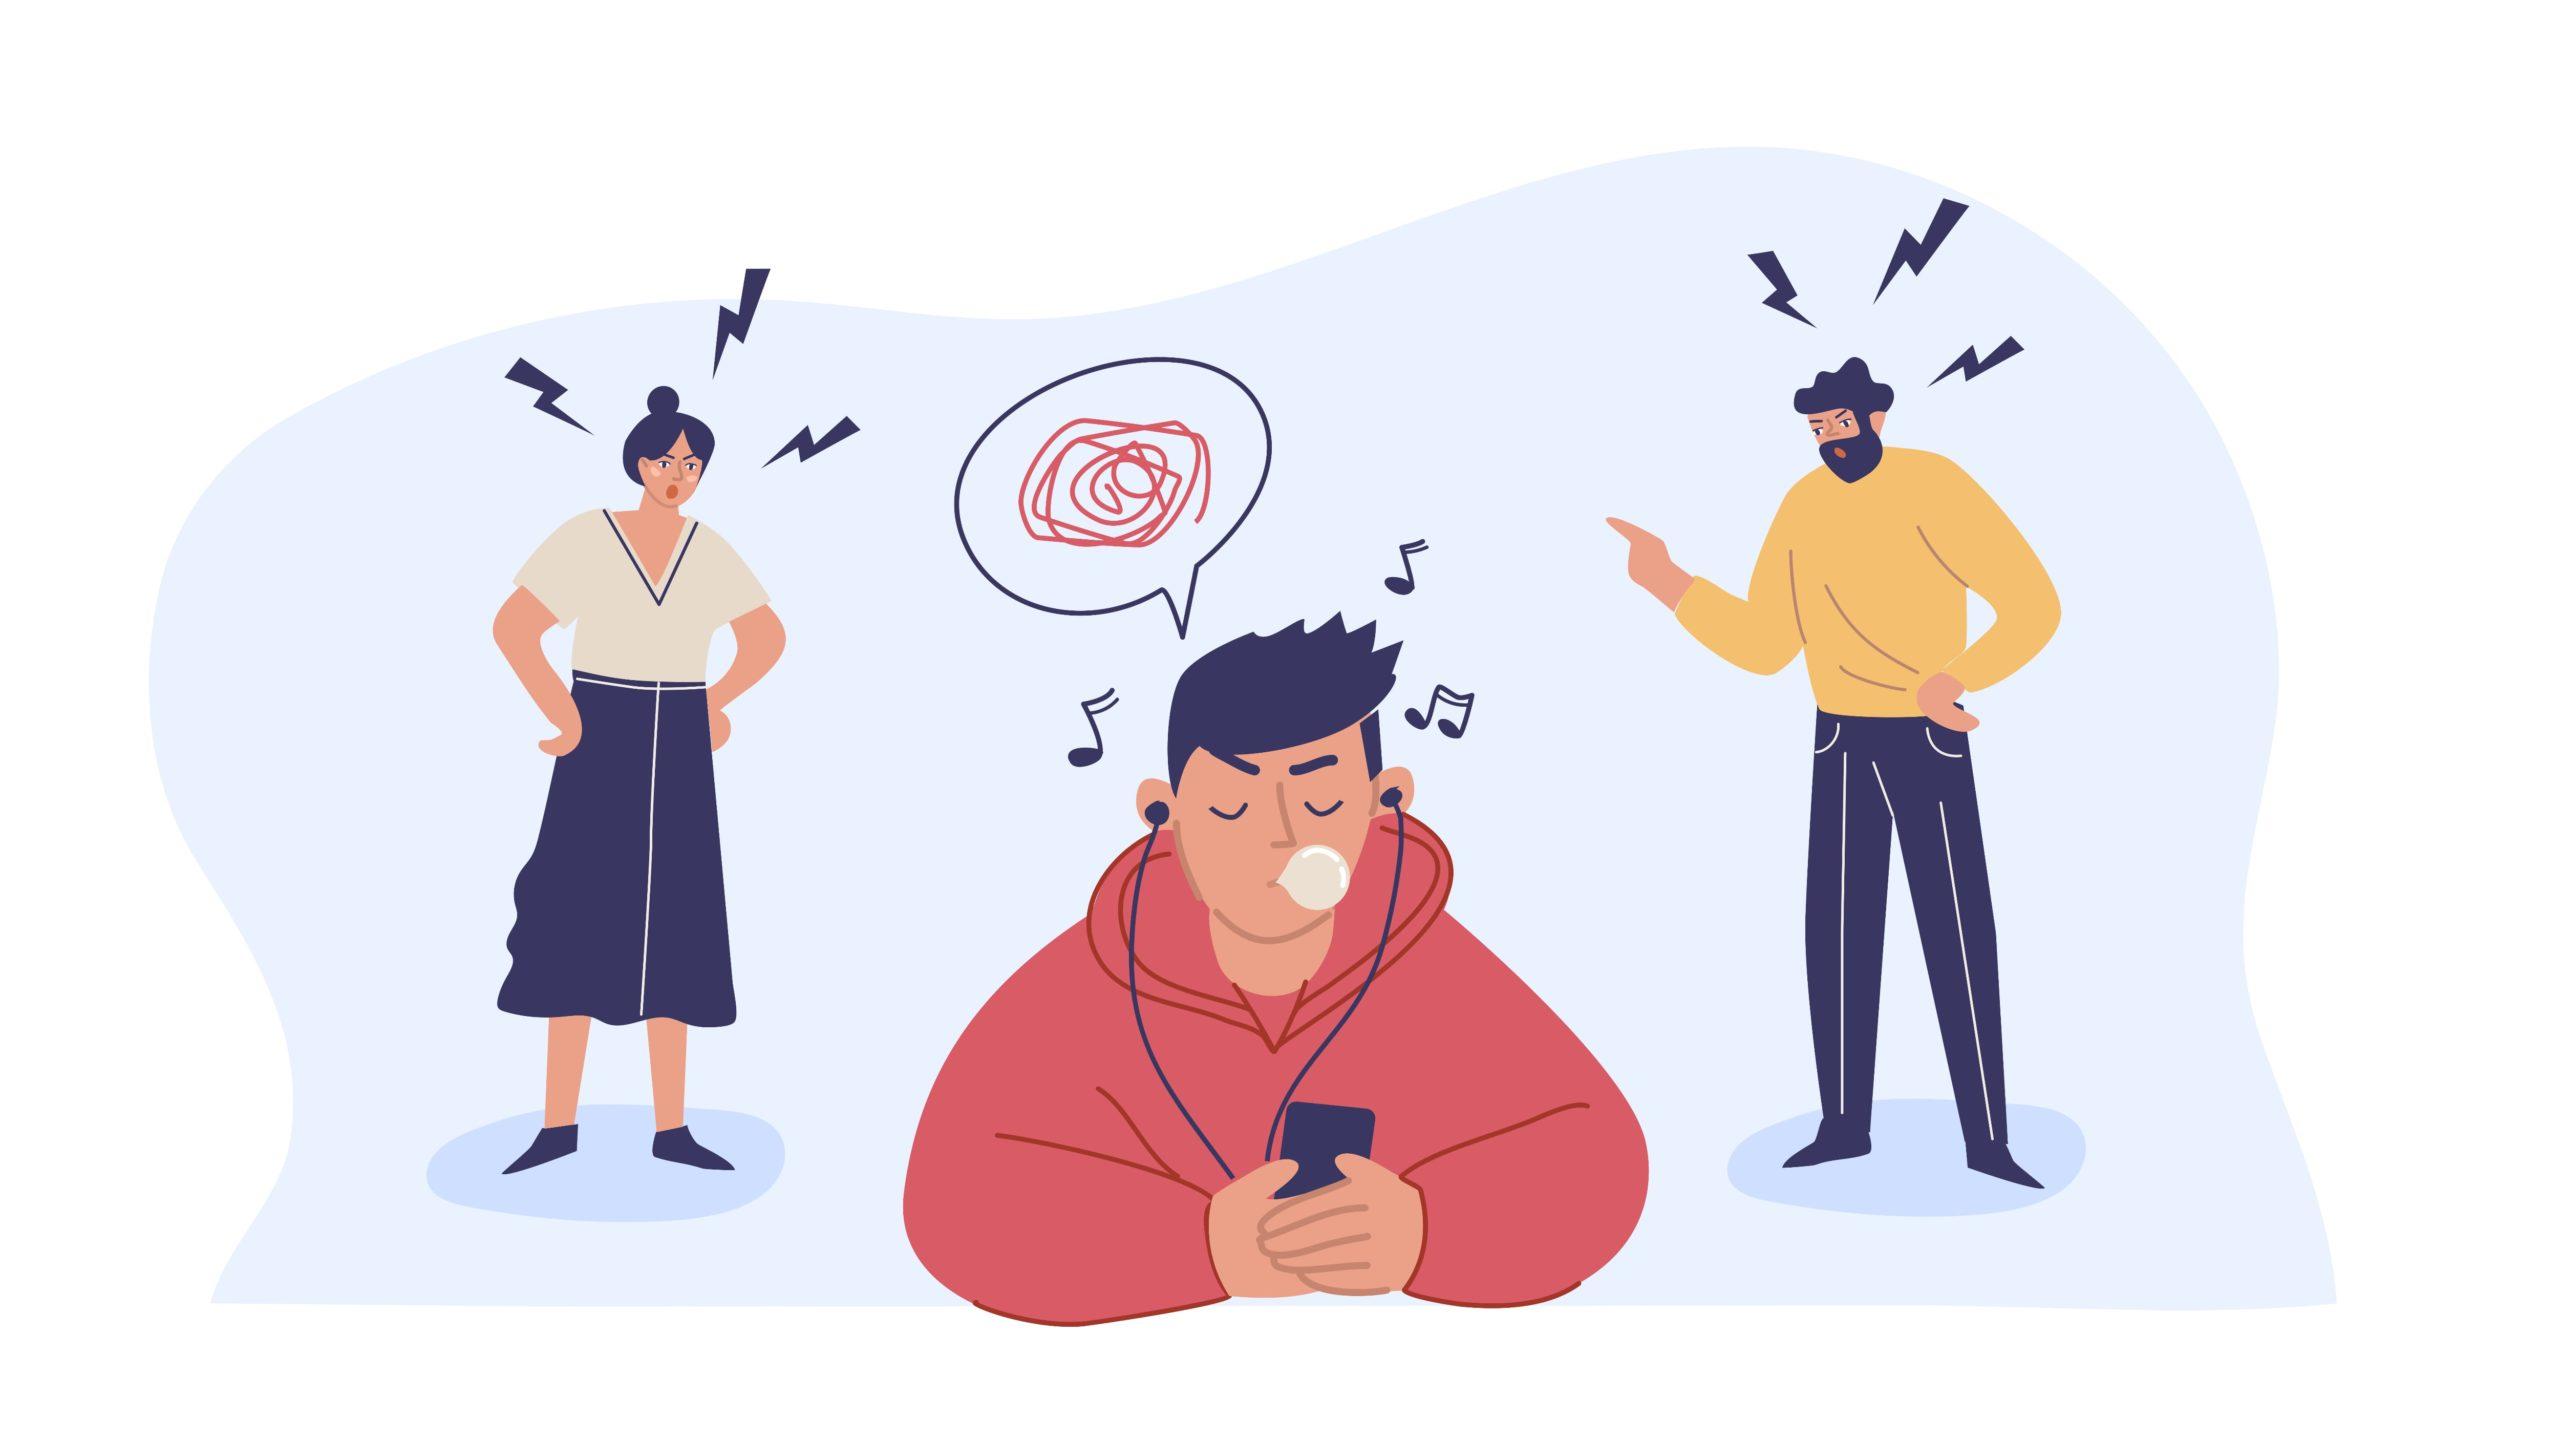 Vidéo - L'adolescent en quête ou à la recherche de limites